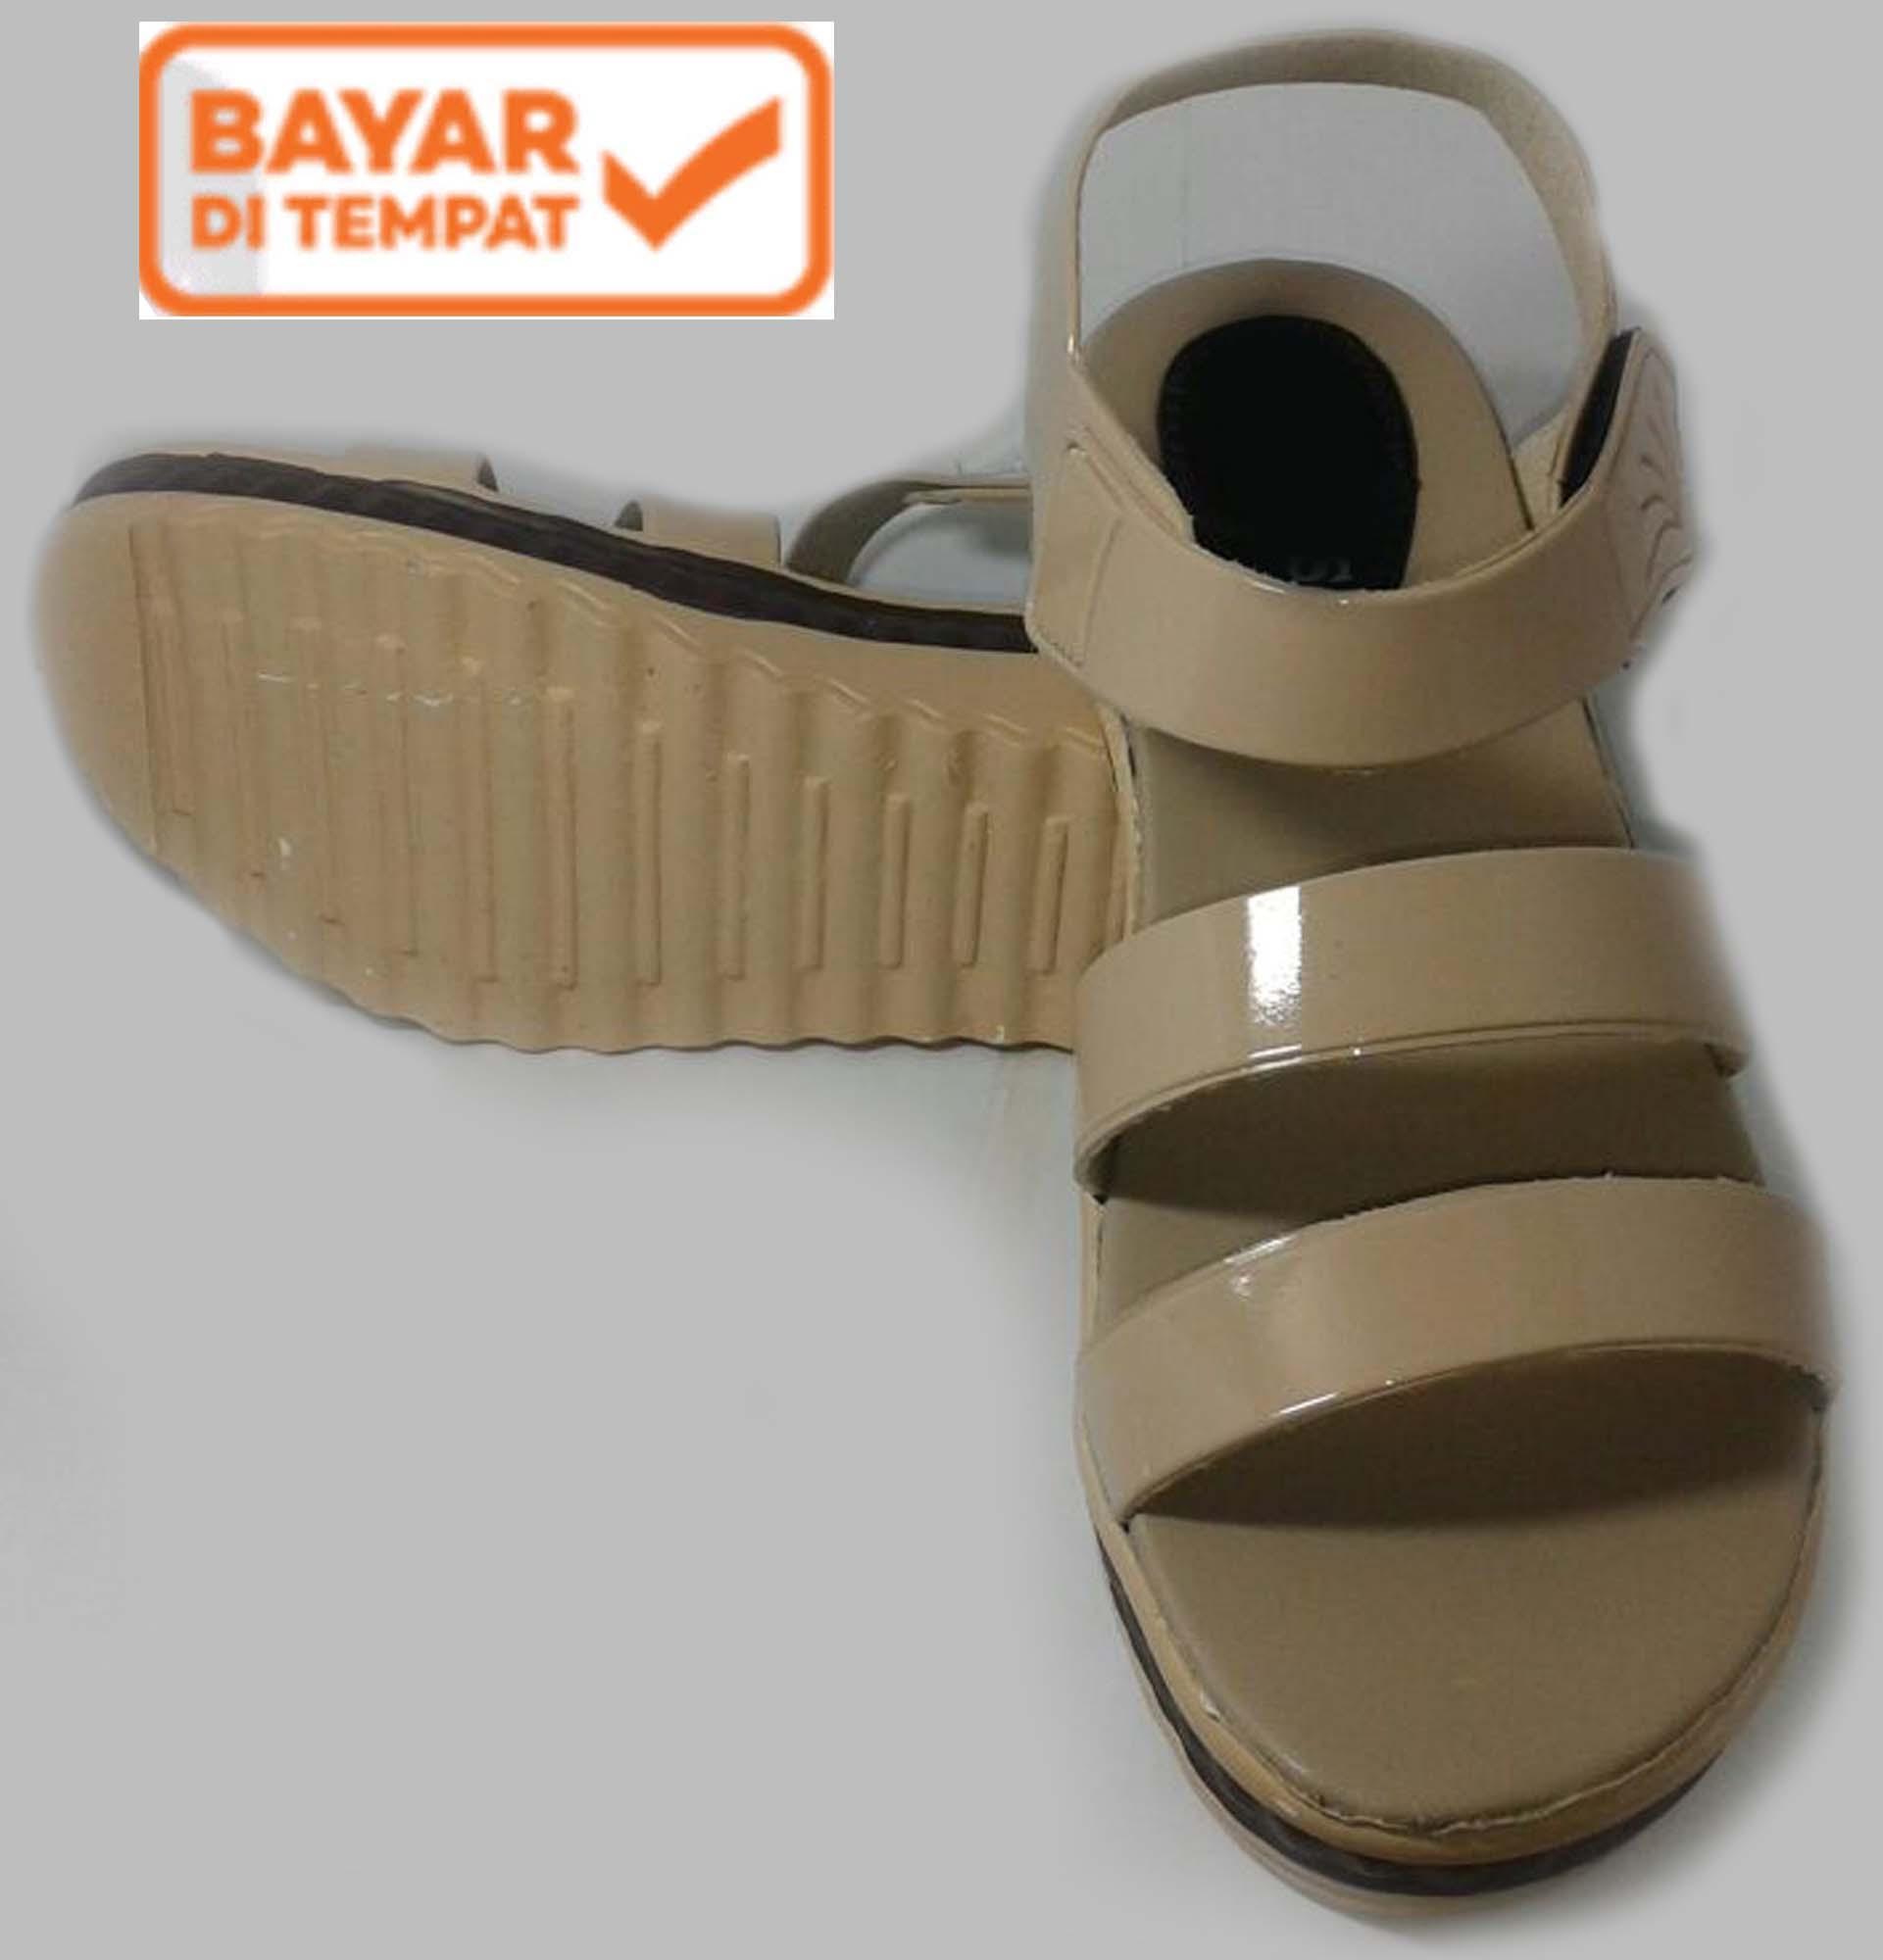 Diky noval-Sandal Wanita/ Sandal Flip Flop wanita/ Sandal Remaja/ Sandal Formal/ Sandal Non-Formal/ Sandal Santai/ Sandal Wedges/ Sandal Elegan/ Sandal trendy